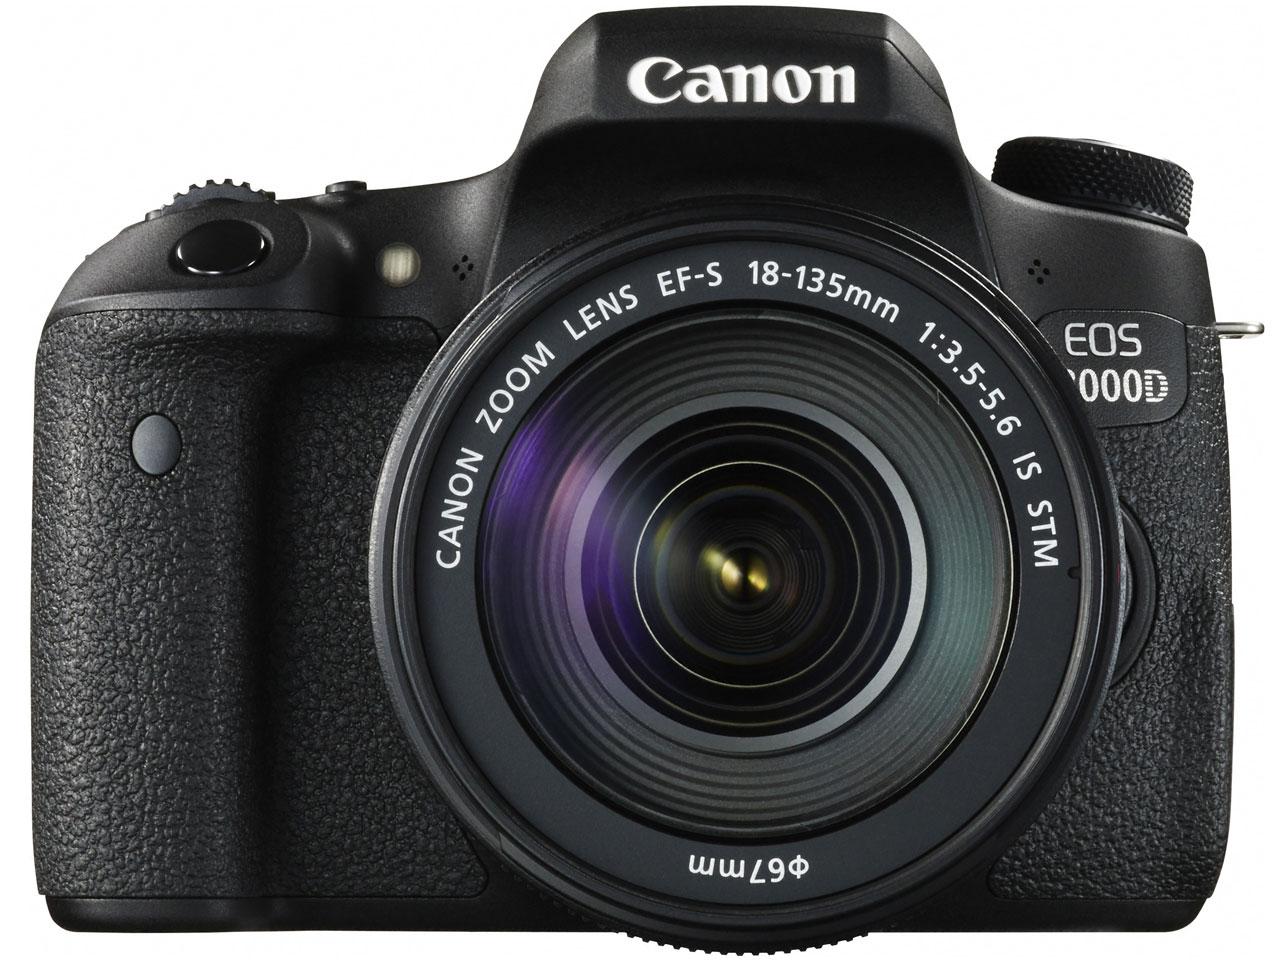 CANON(キヤノン) EOS 8000D EF-S18-135 IS STM レンズキット デジタル一眼カメラ